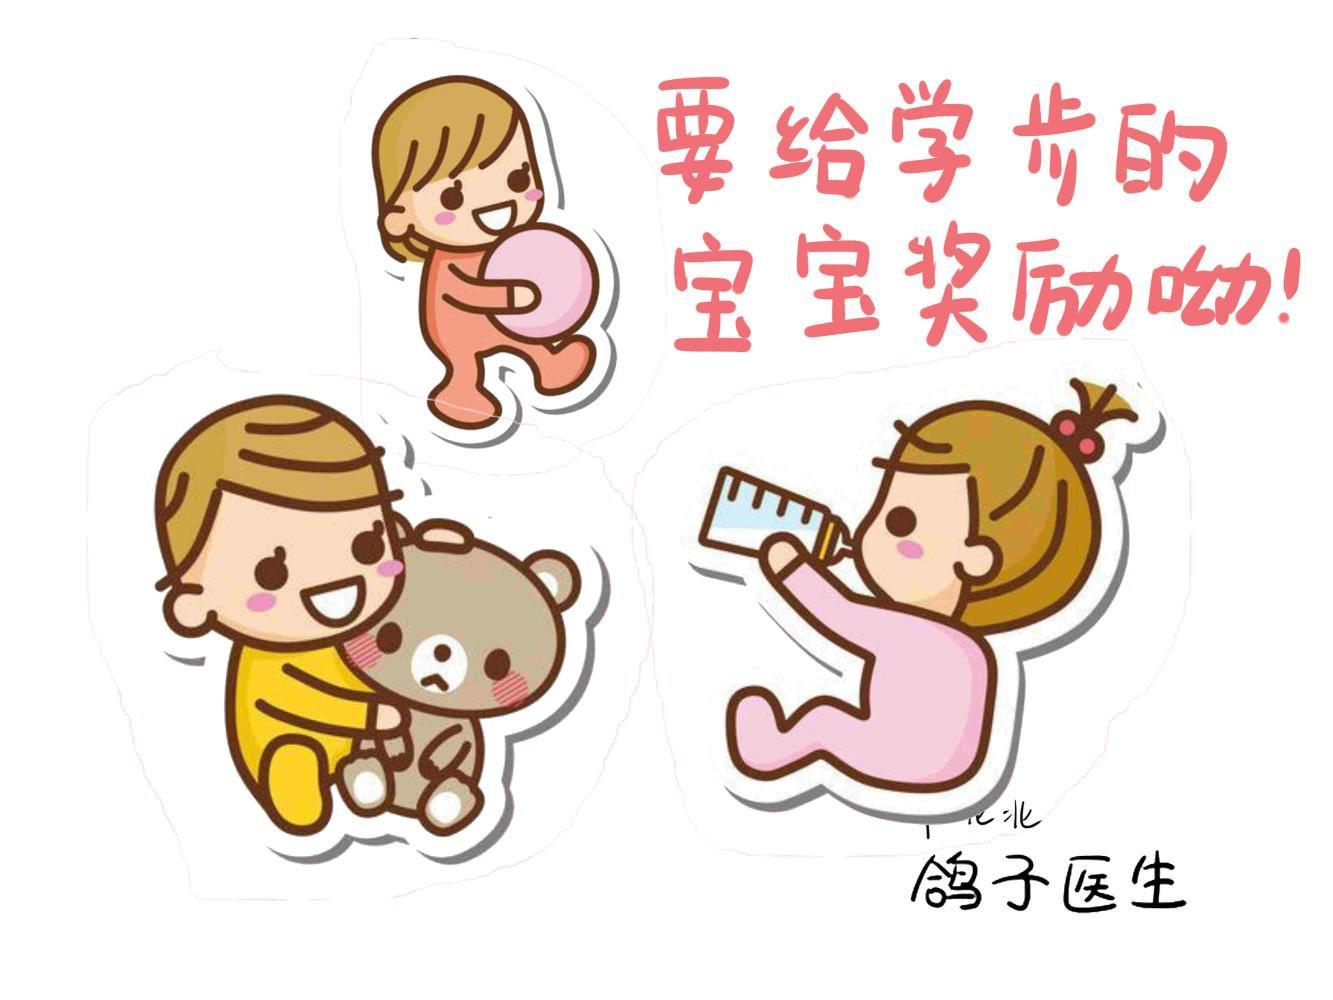 宝宝抓狂崩溃图片可爱